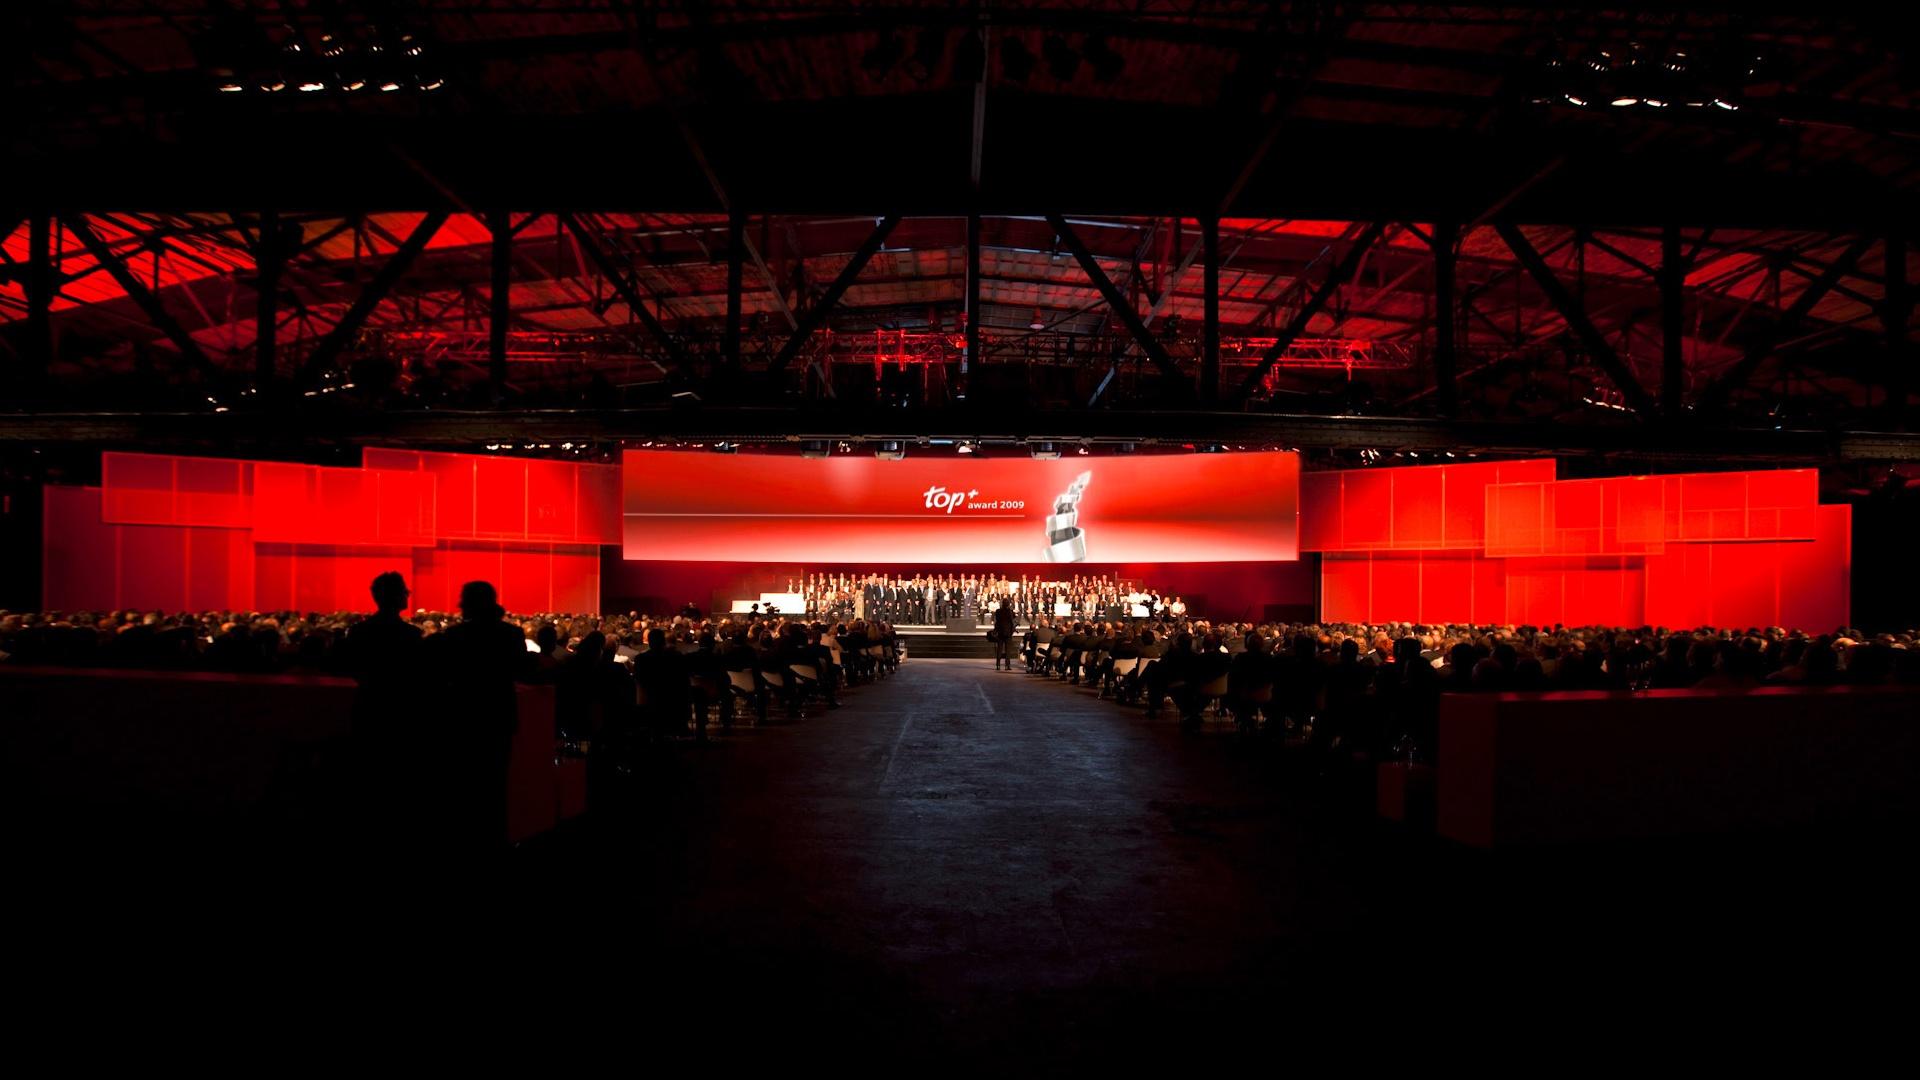 Siemens Top Plus Award